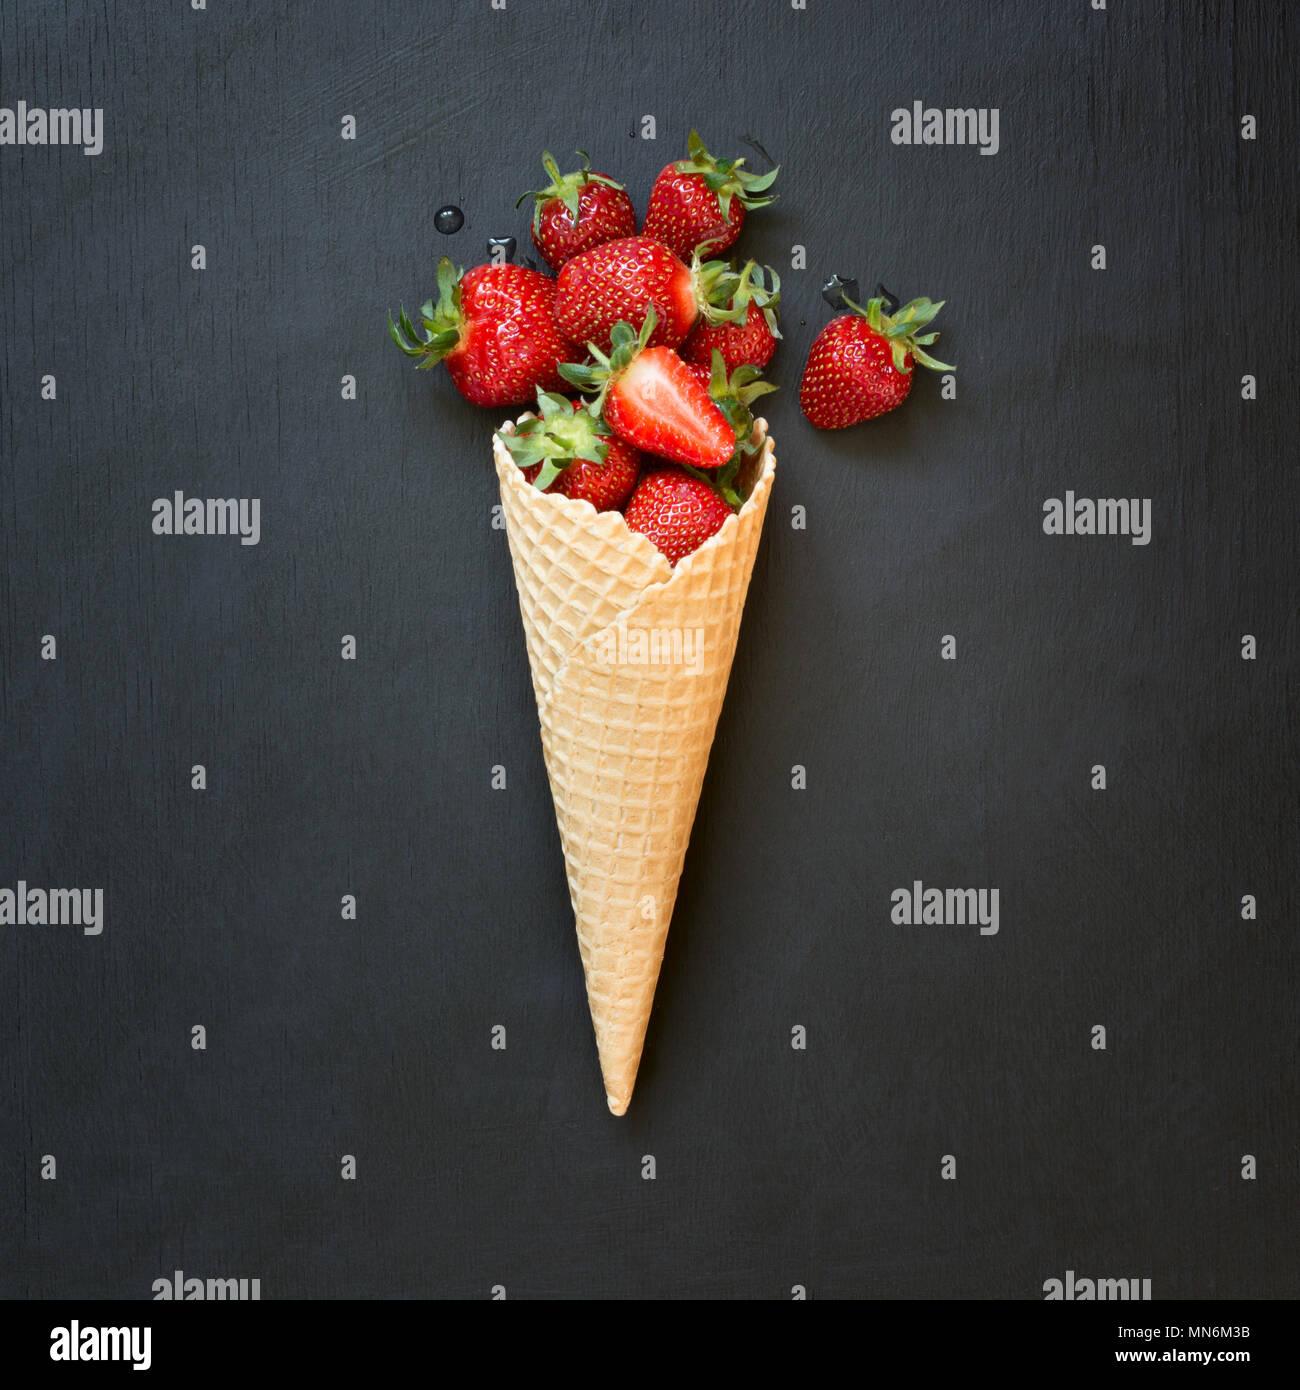 Produits frais bio fraise au ice cream cone sur noir. Photo Stock